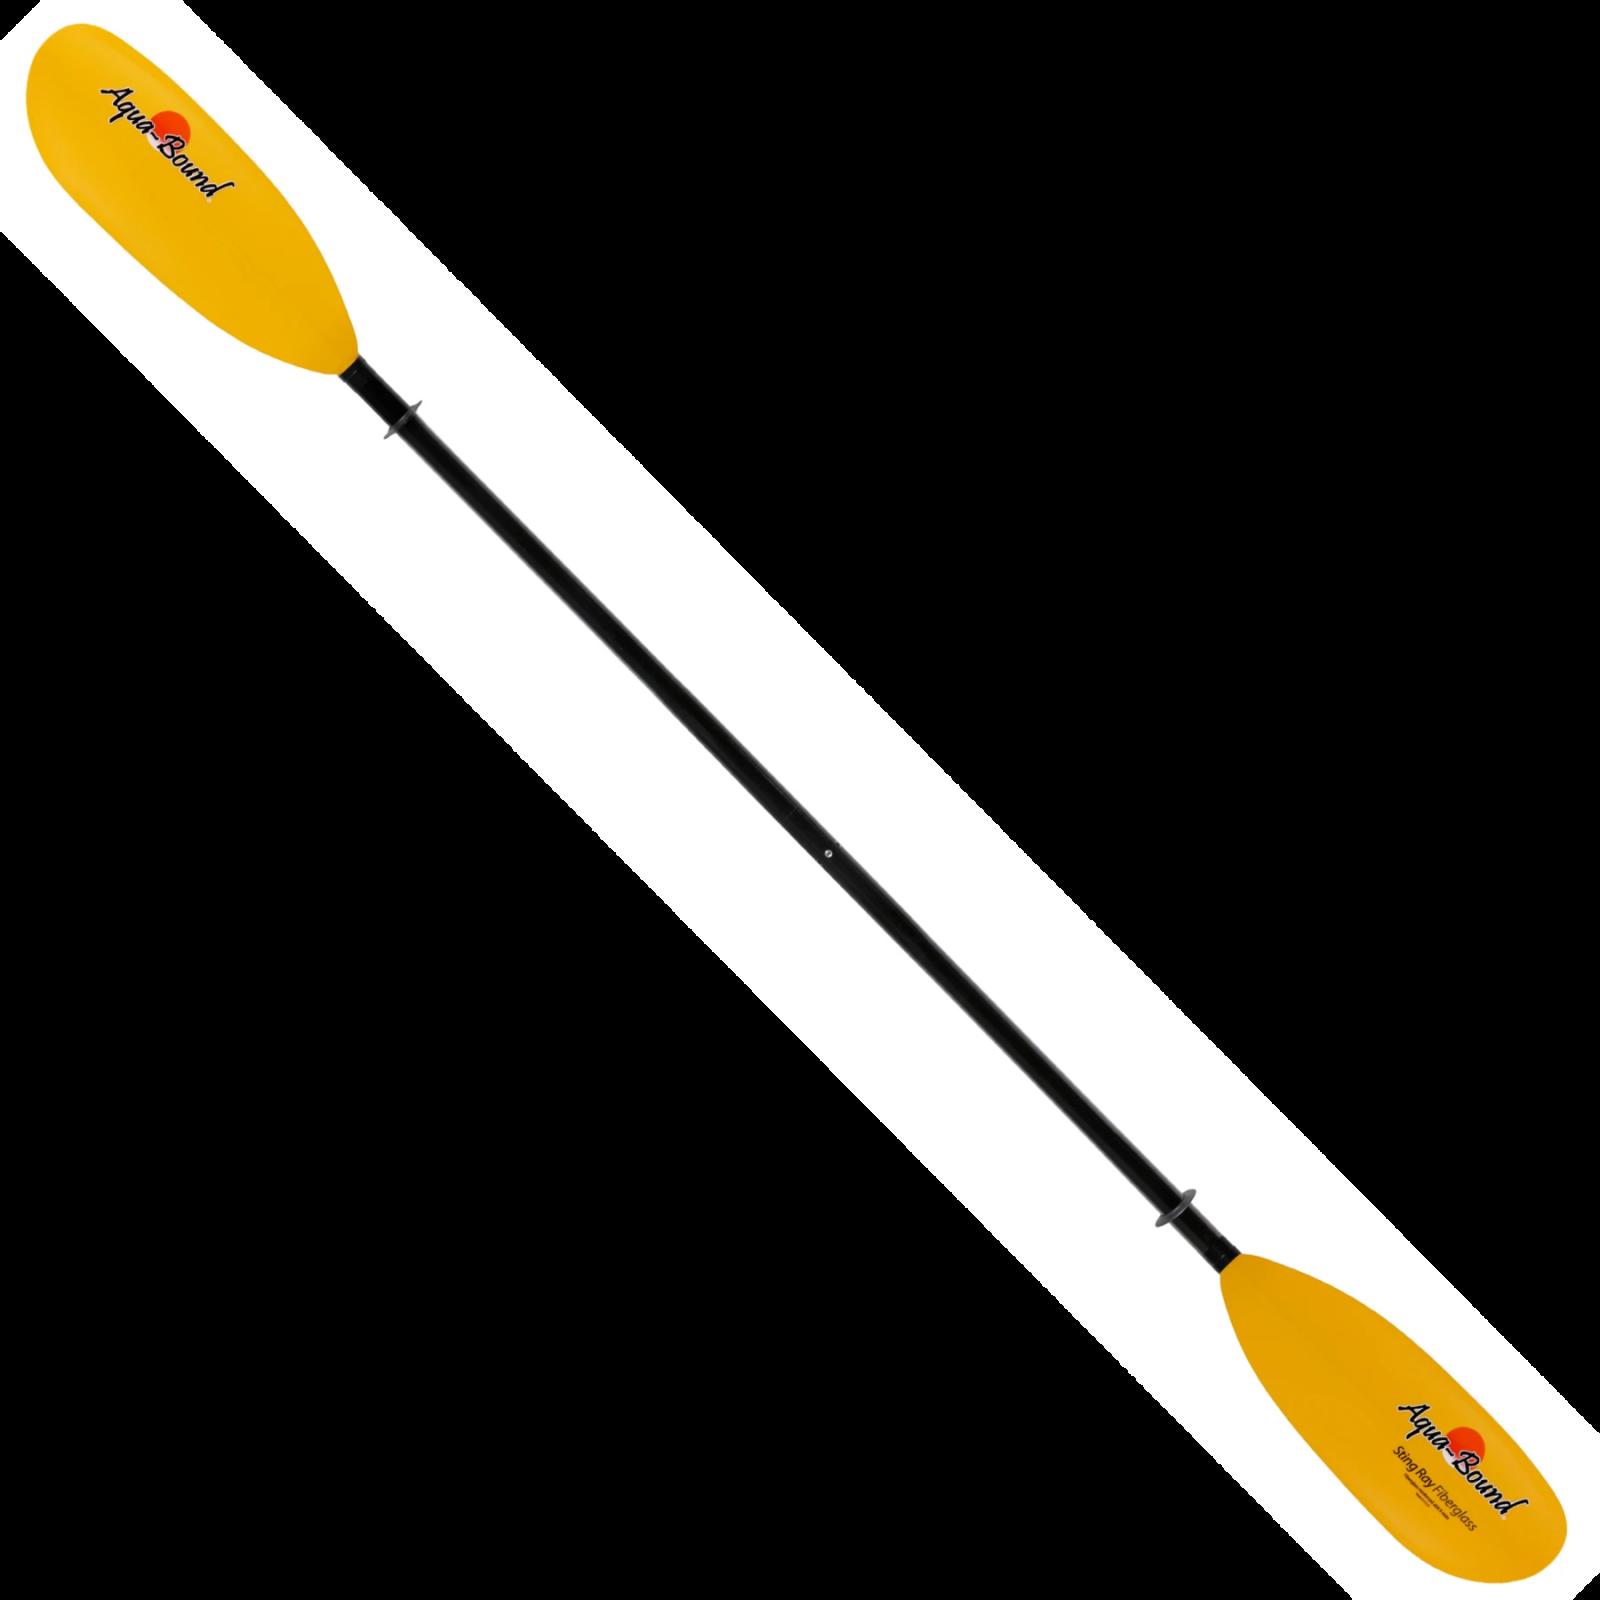 AQUA BOUND Sting Ray 2-Piece Fiberglass Shaft Kayak Paddle